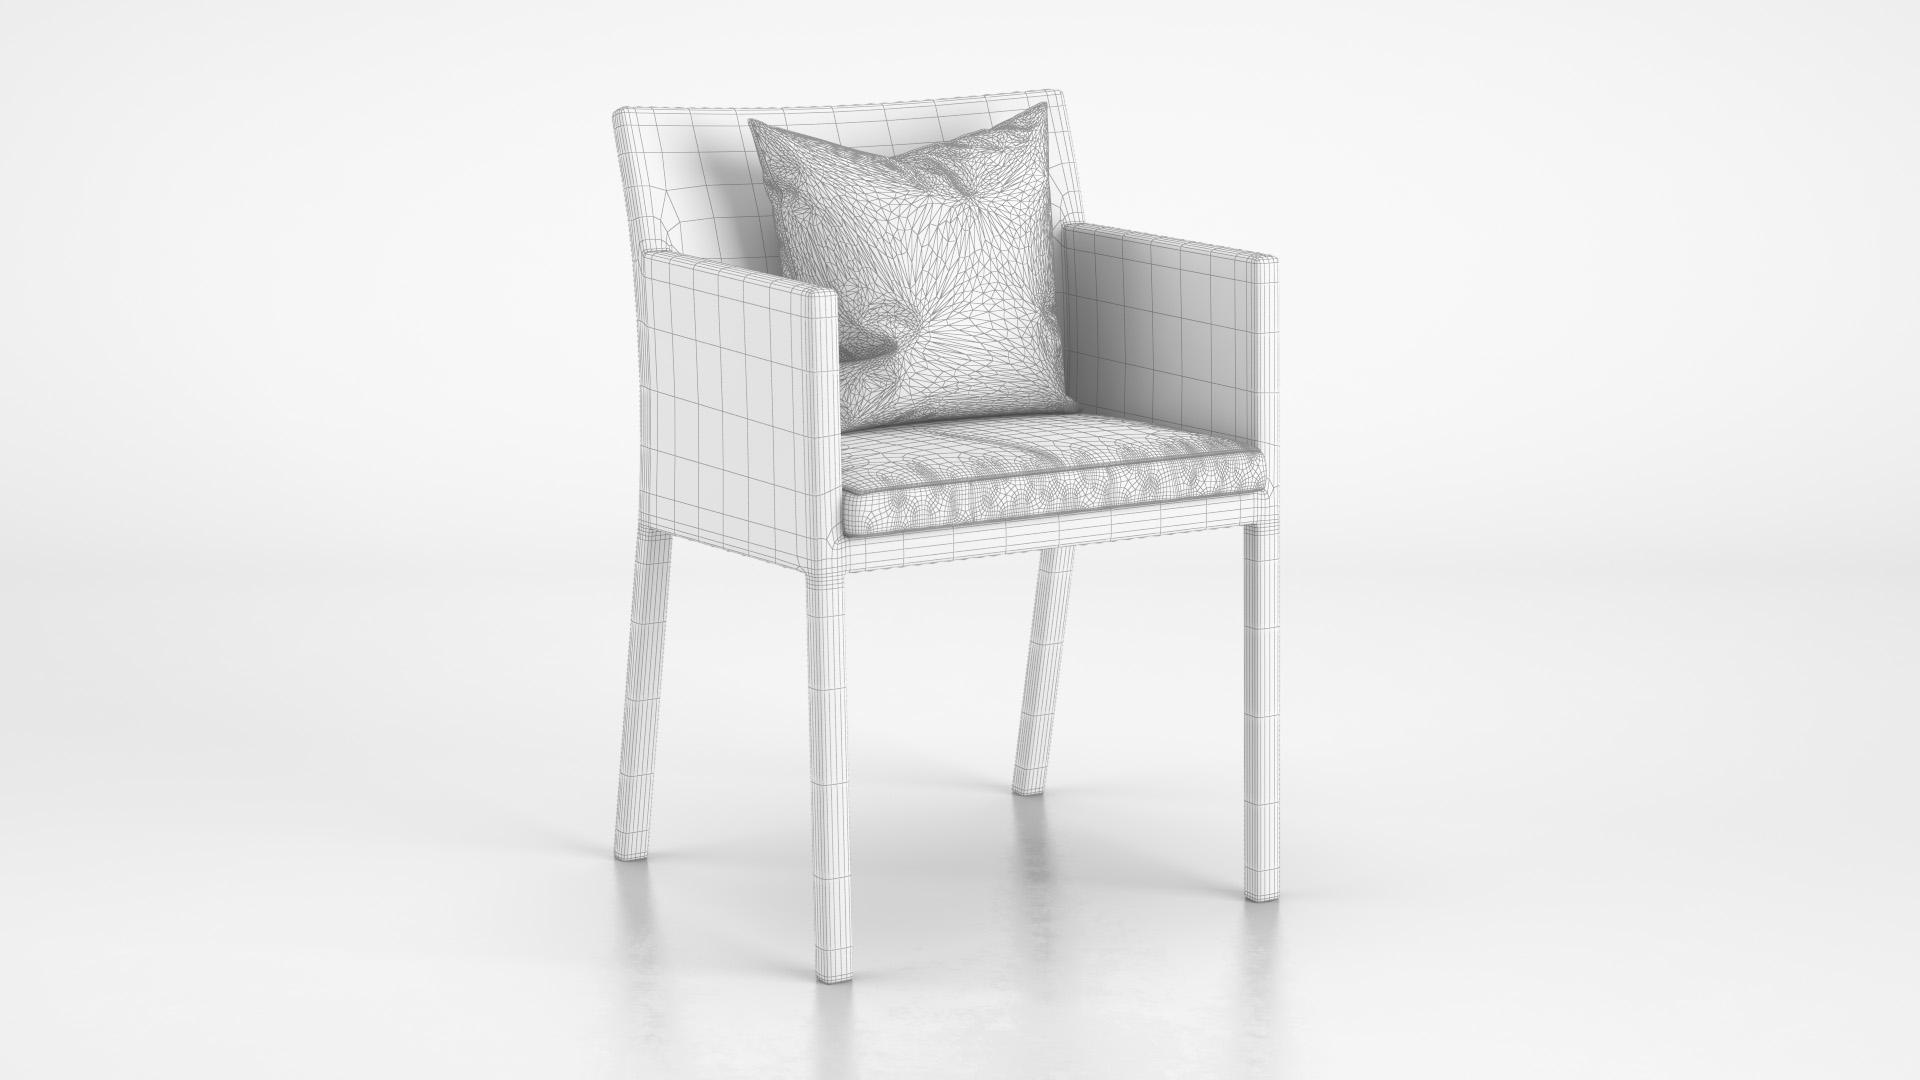 Tribu_Versus_Chair_WhiteSet_01_wire_0000